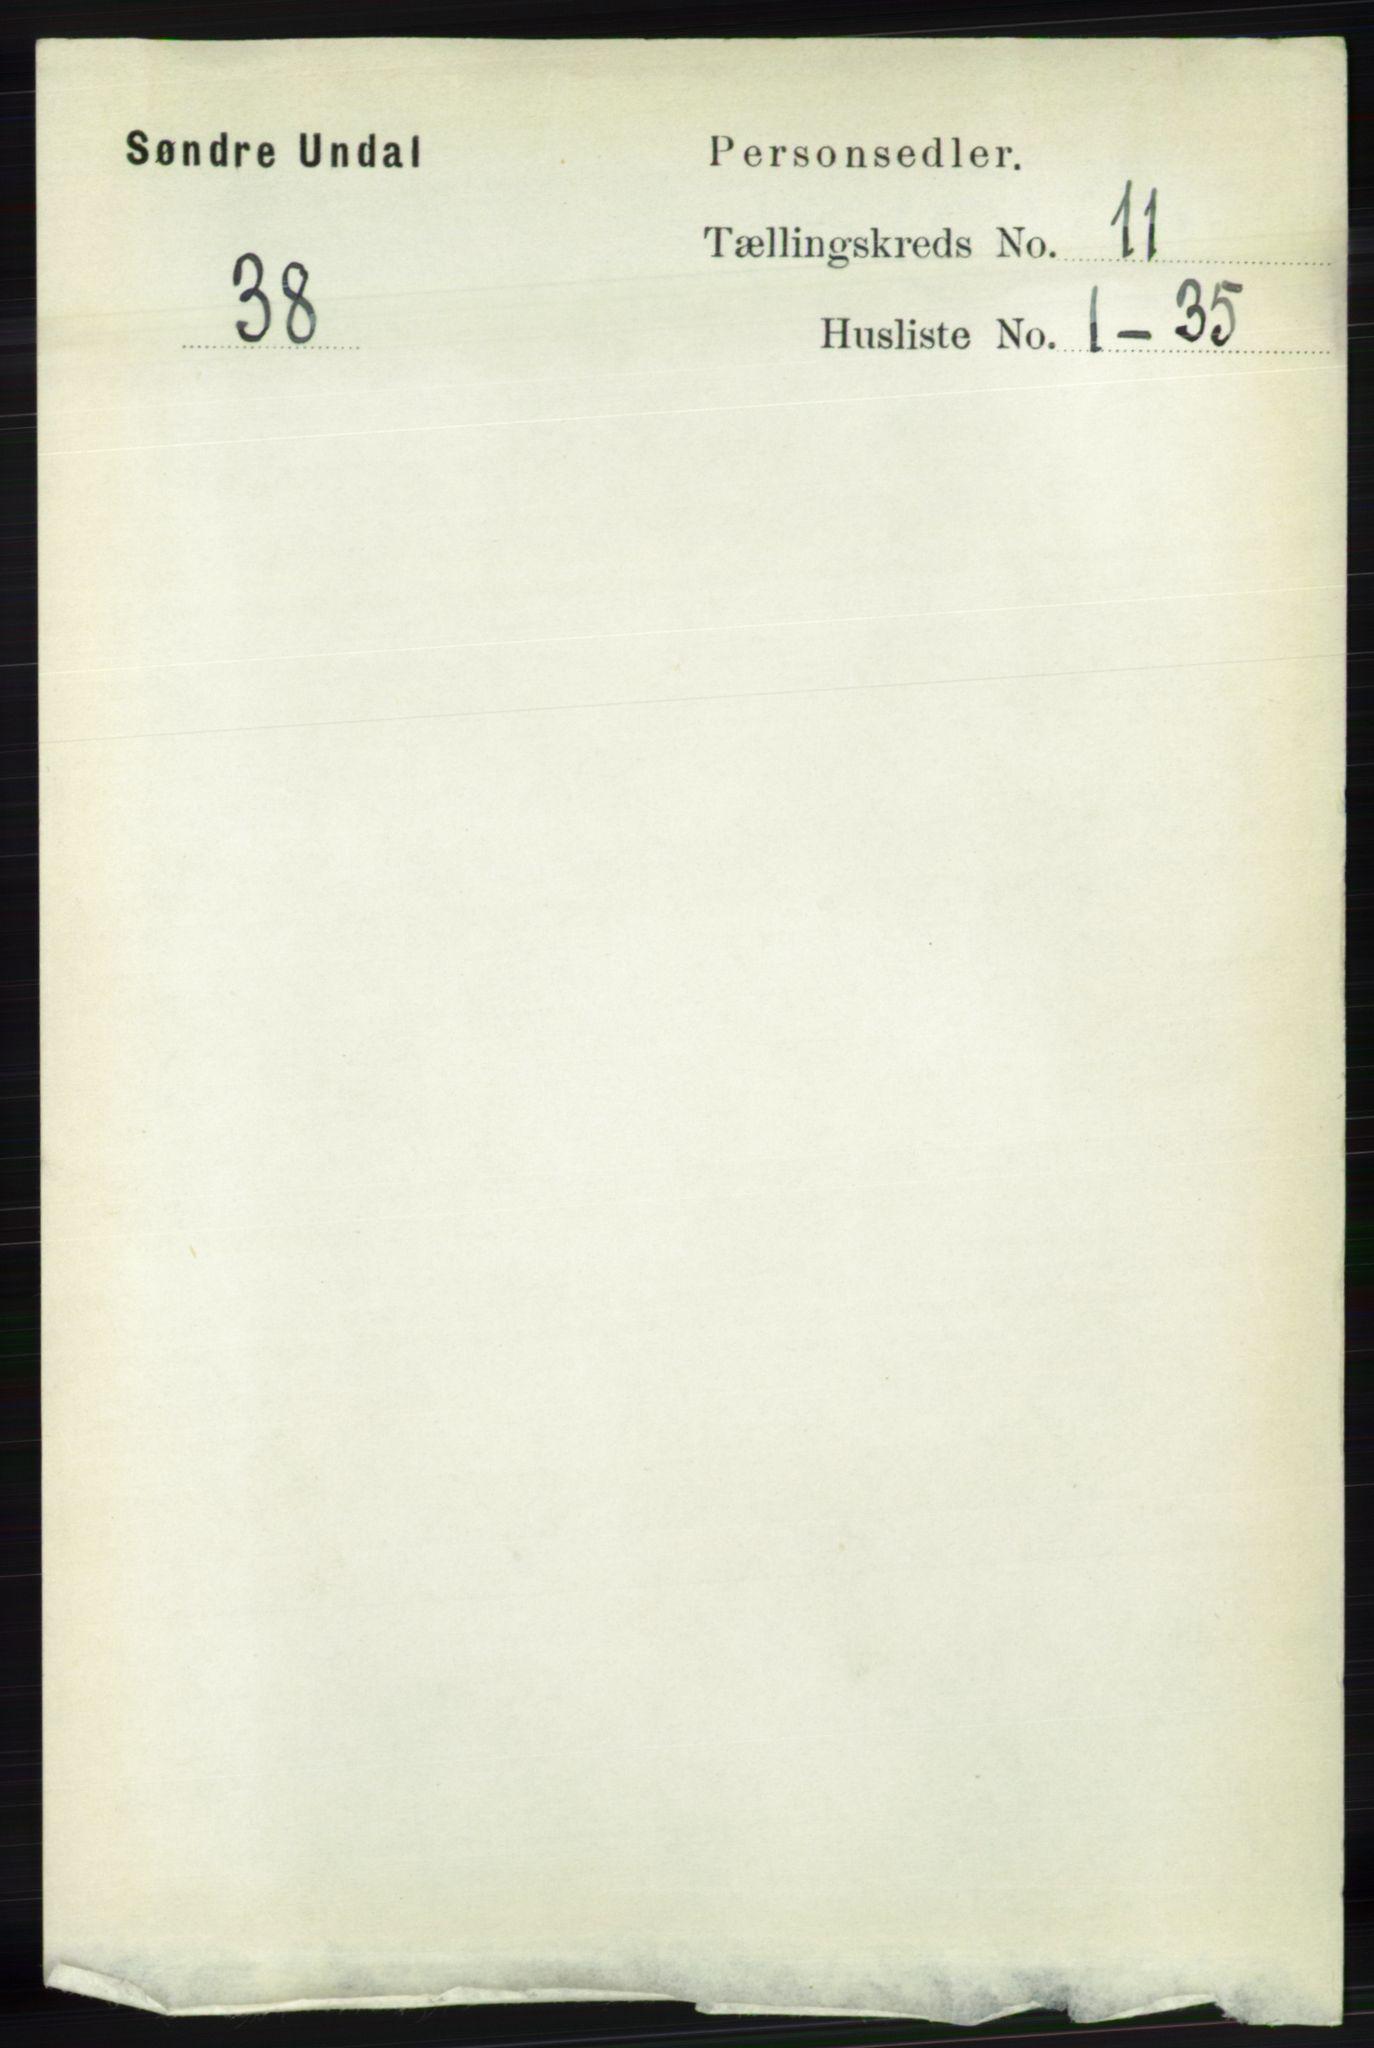 RA, Folketelling 1891 for 1029 Sør-Audnedal herred, 1891, s. 5129